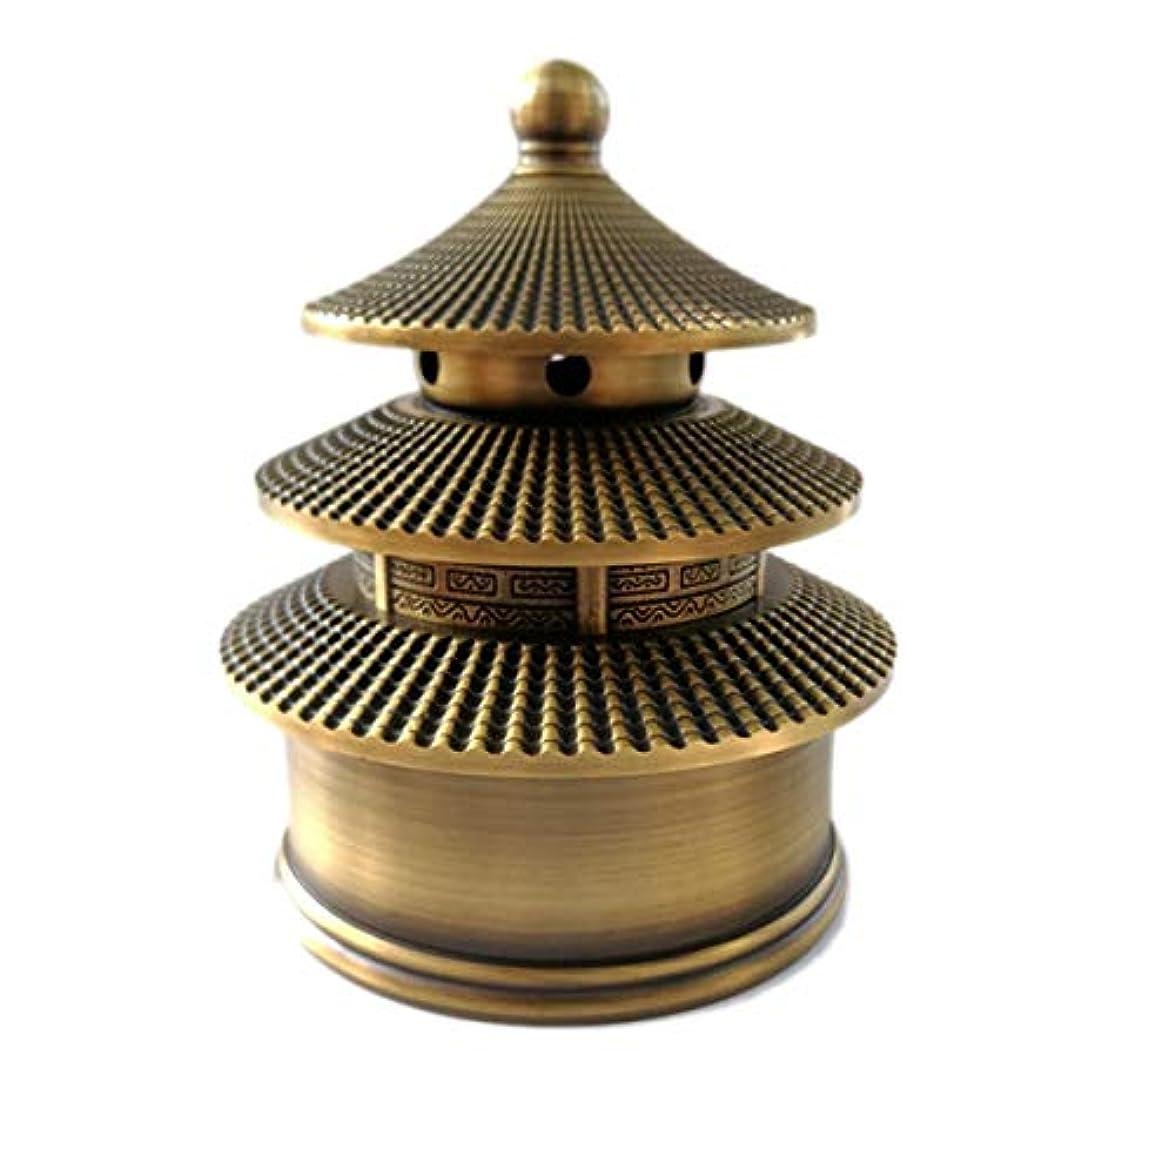 しょっぱい議会演じる真鍮香炉(富&幸運)お香バーナー-お香ホルダーを含む中国の古典的なスタイルの伝統的な技術